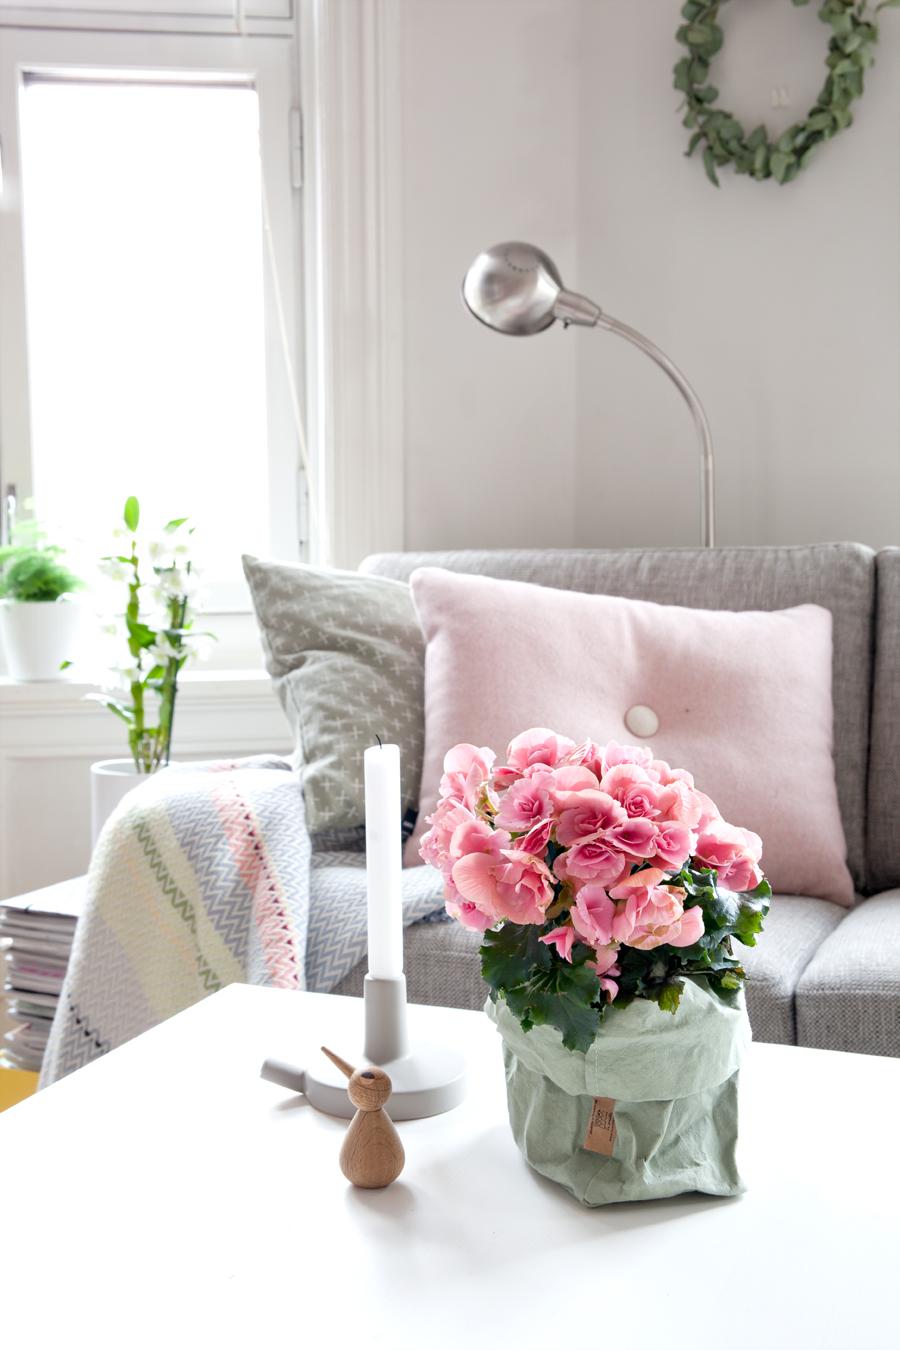 blomstrende potteplanter i stue